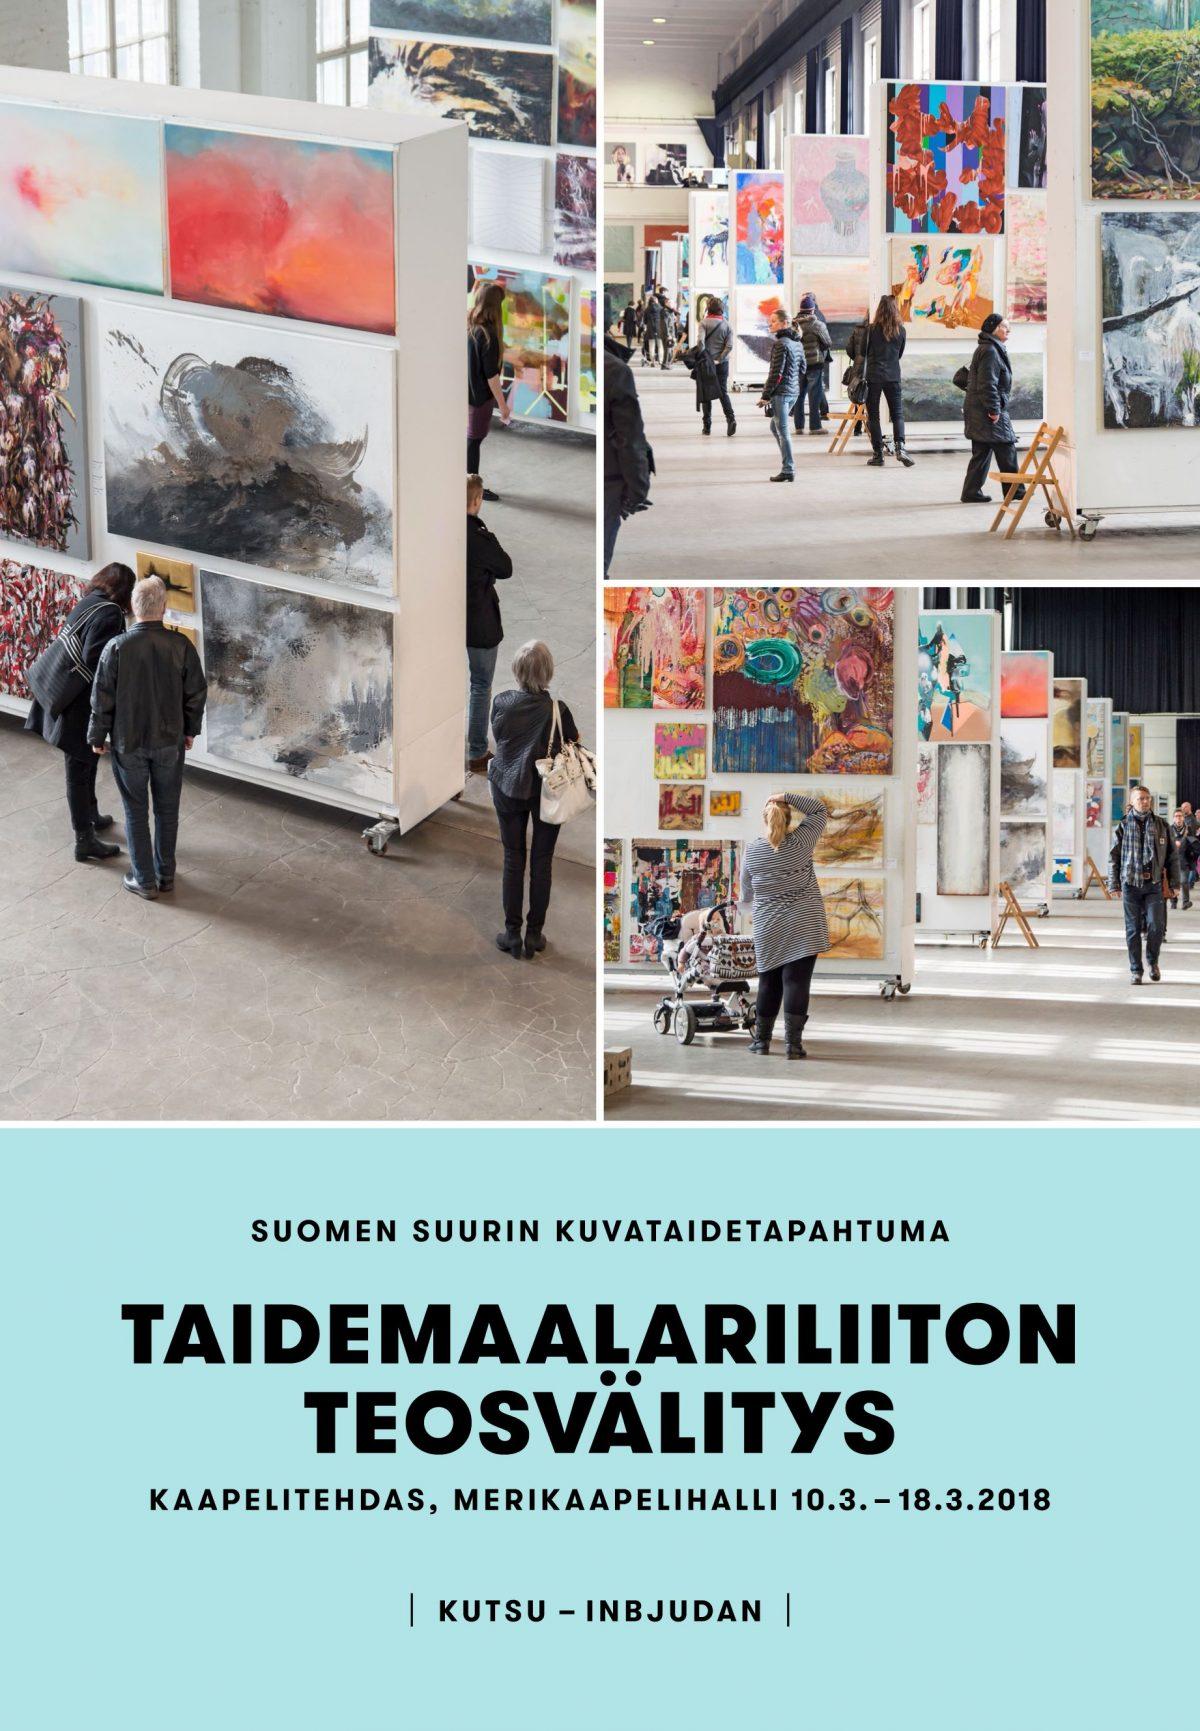 Taidemaalariliiton teosvälitys 2018